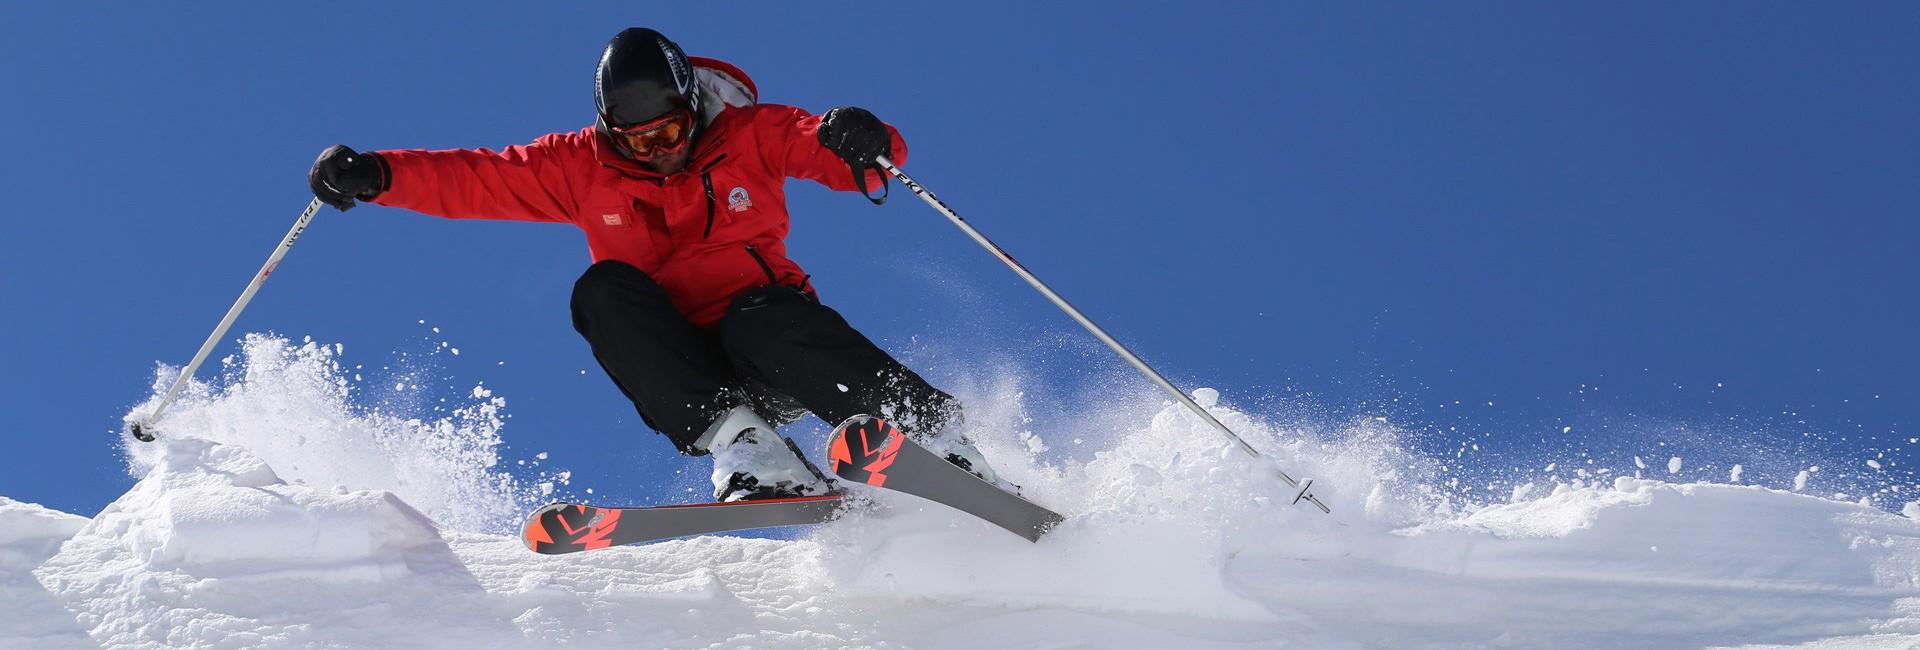 ff8fc1e7278d Ski Schools   Ski Rental in Tyrol│Pitztal Region